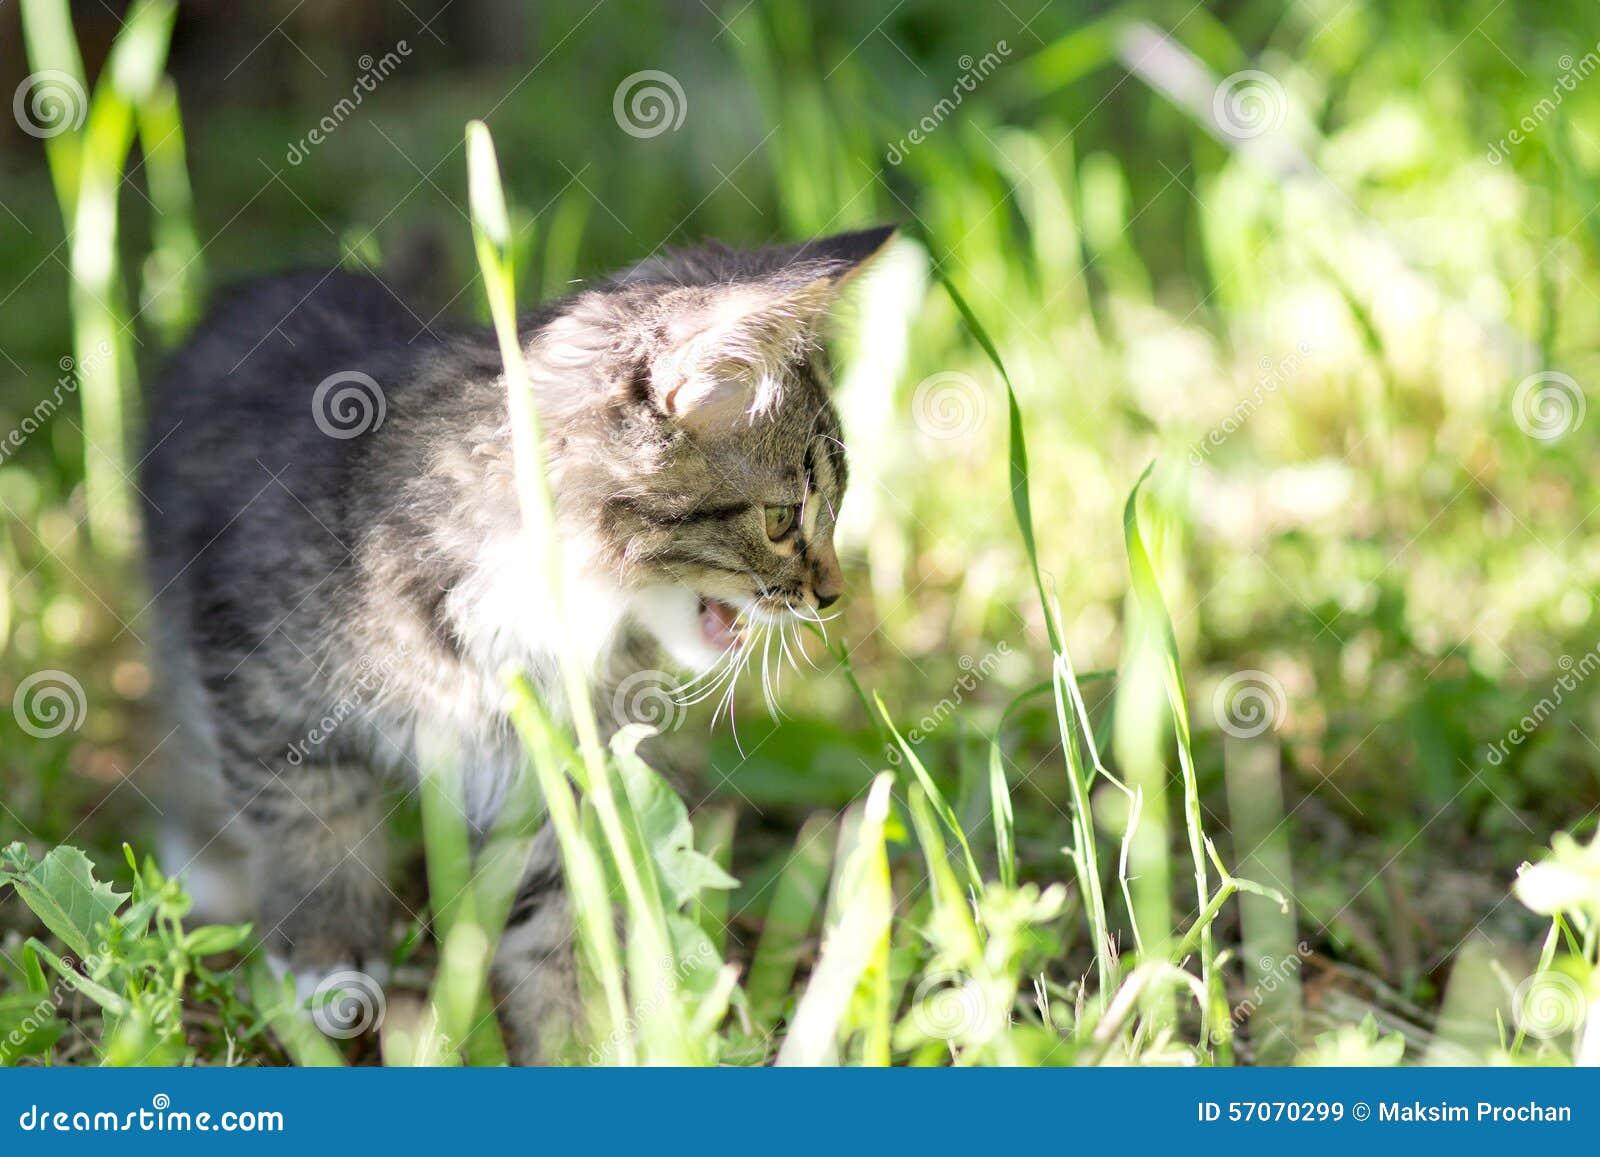 Weinig katje loopt in groen gras